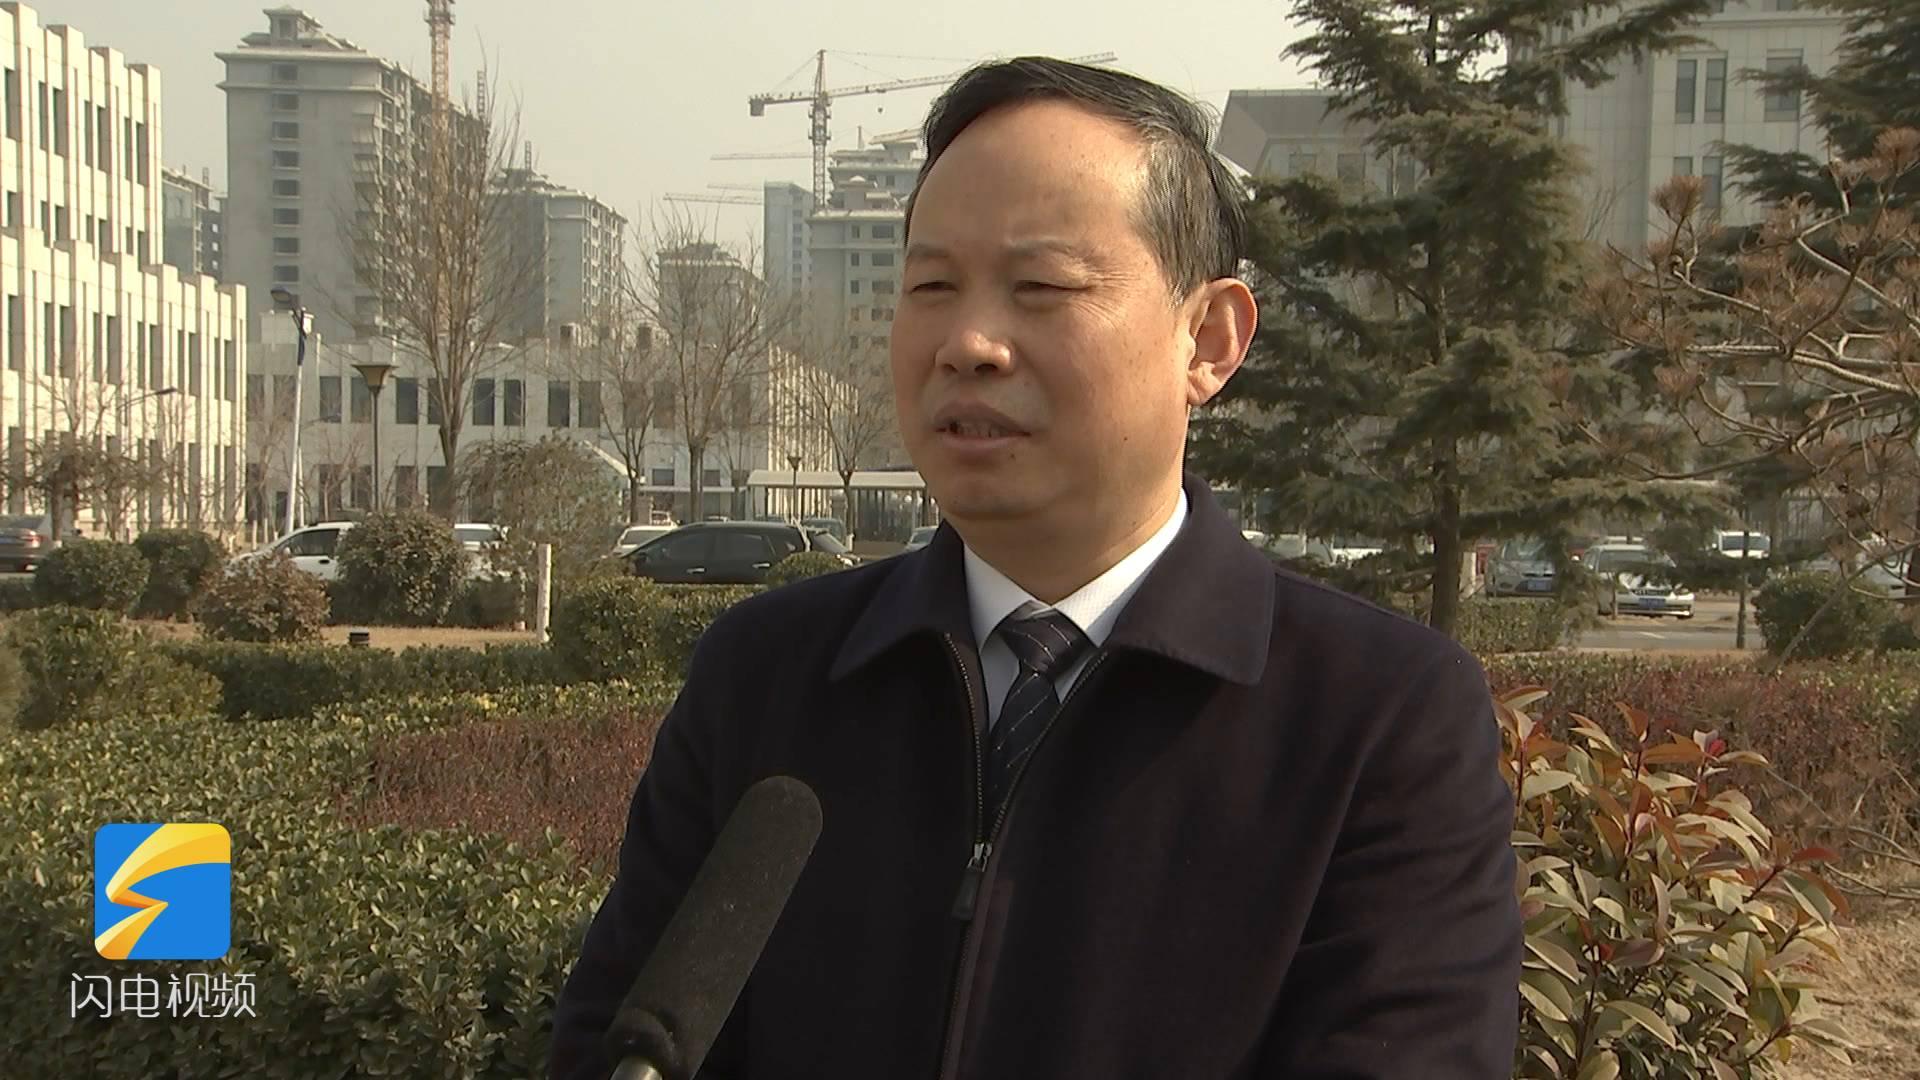 【担当作为抓落实】刘培国:抓住重点项目不放松 争取6月底前全面开工